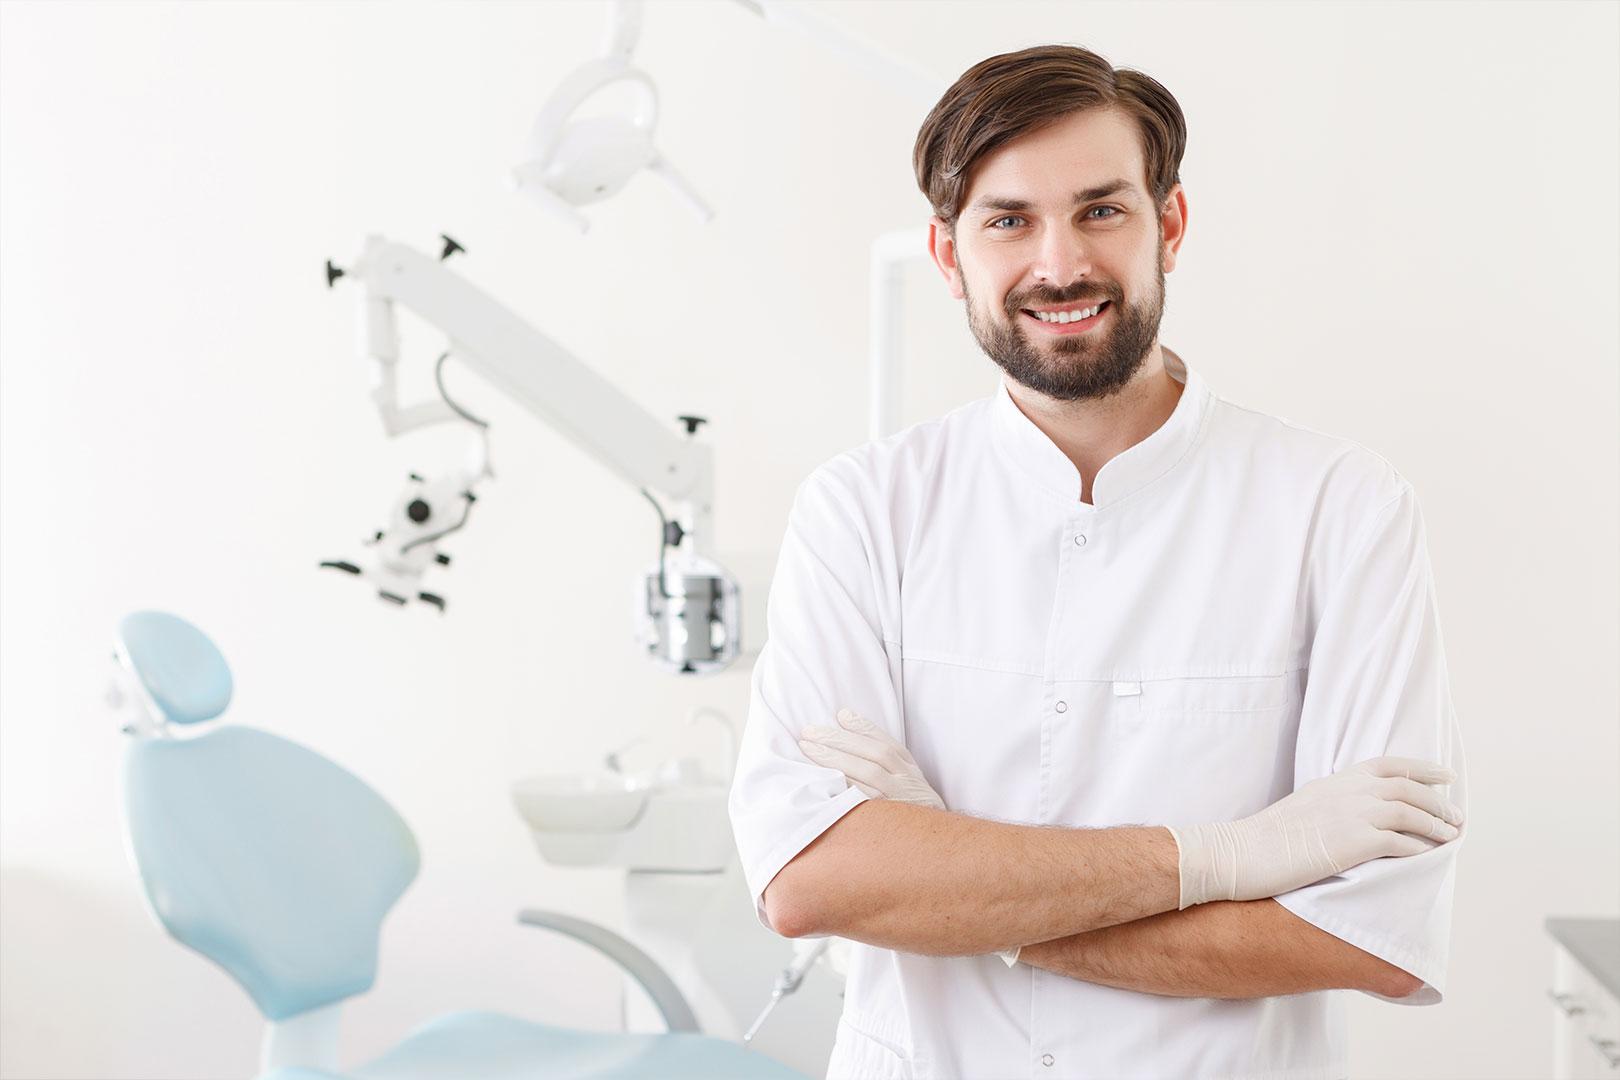 Zahnarztpraxis Stellenangebot Teilzeit Vollzeit